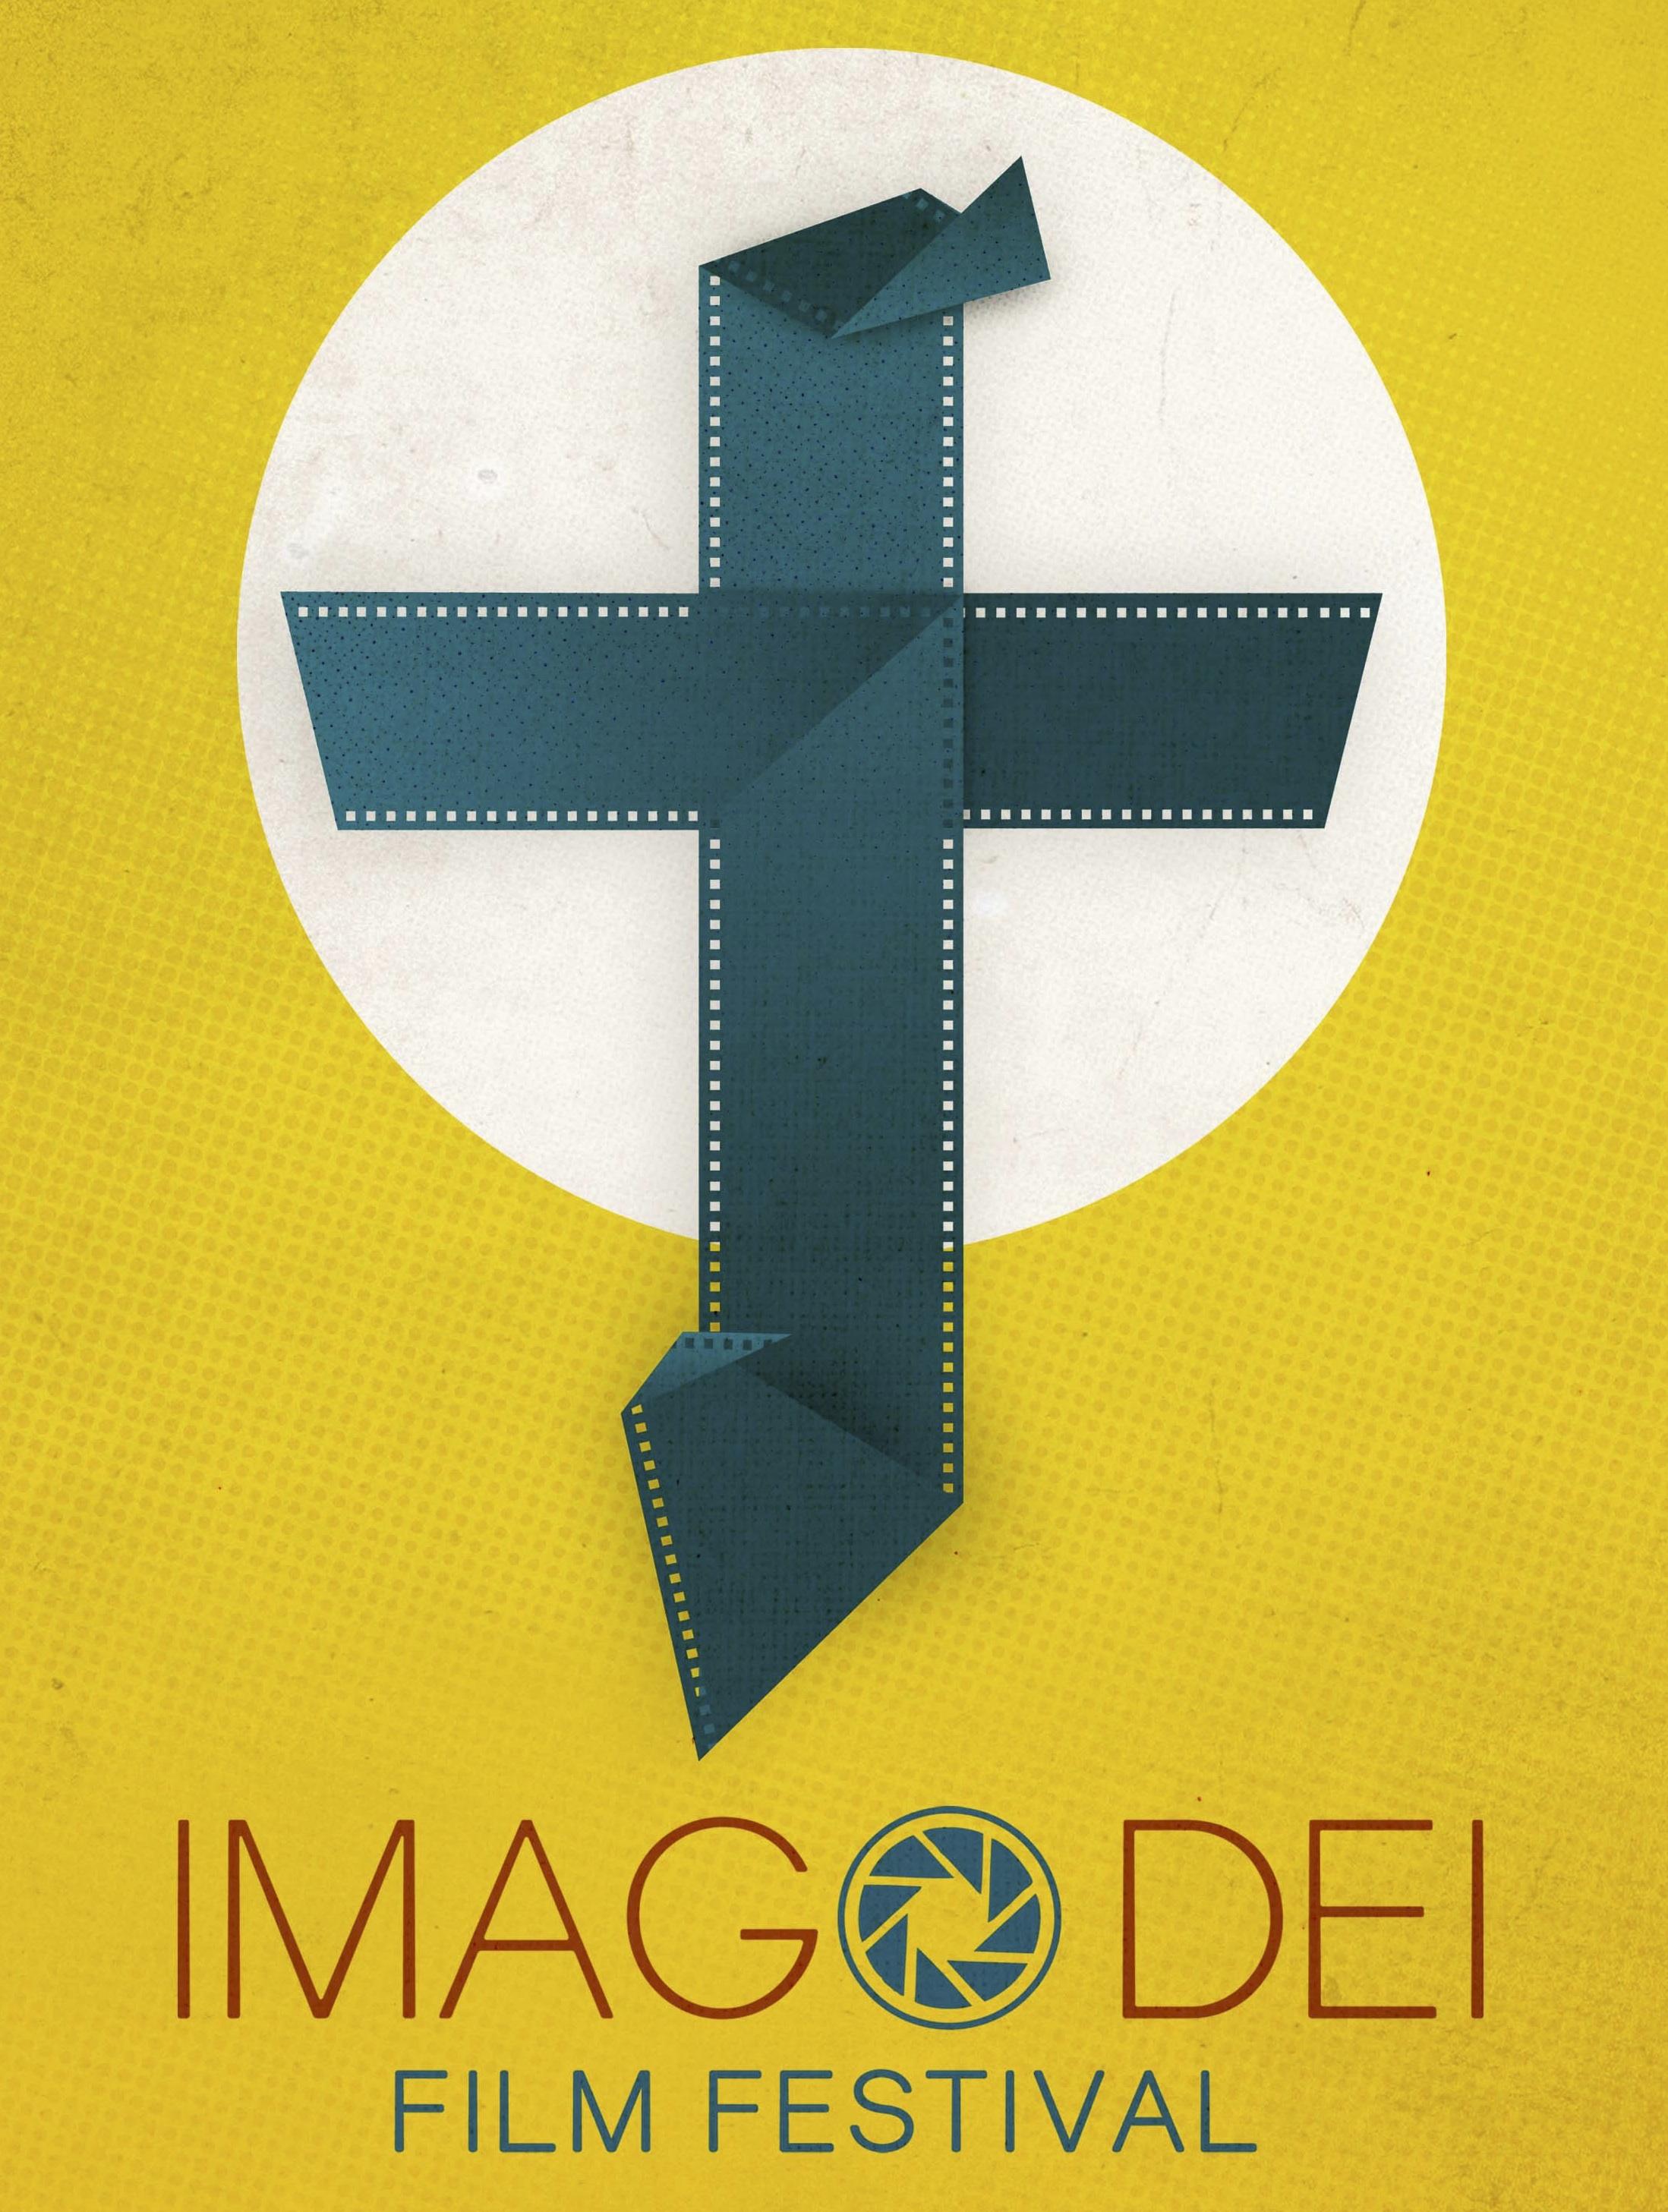 Imago Dei Film Fest.jpg